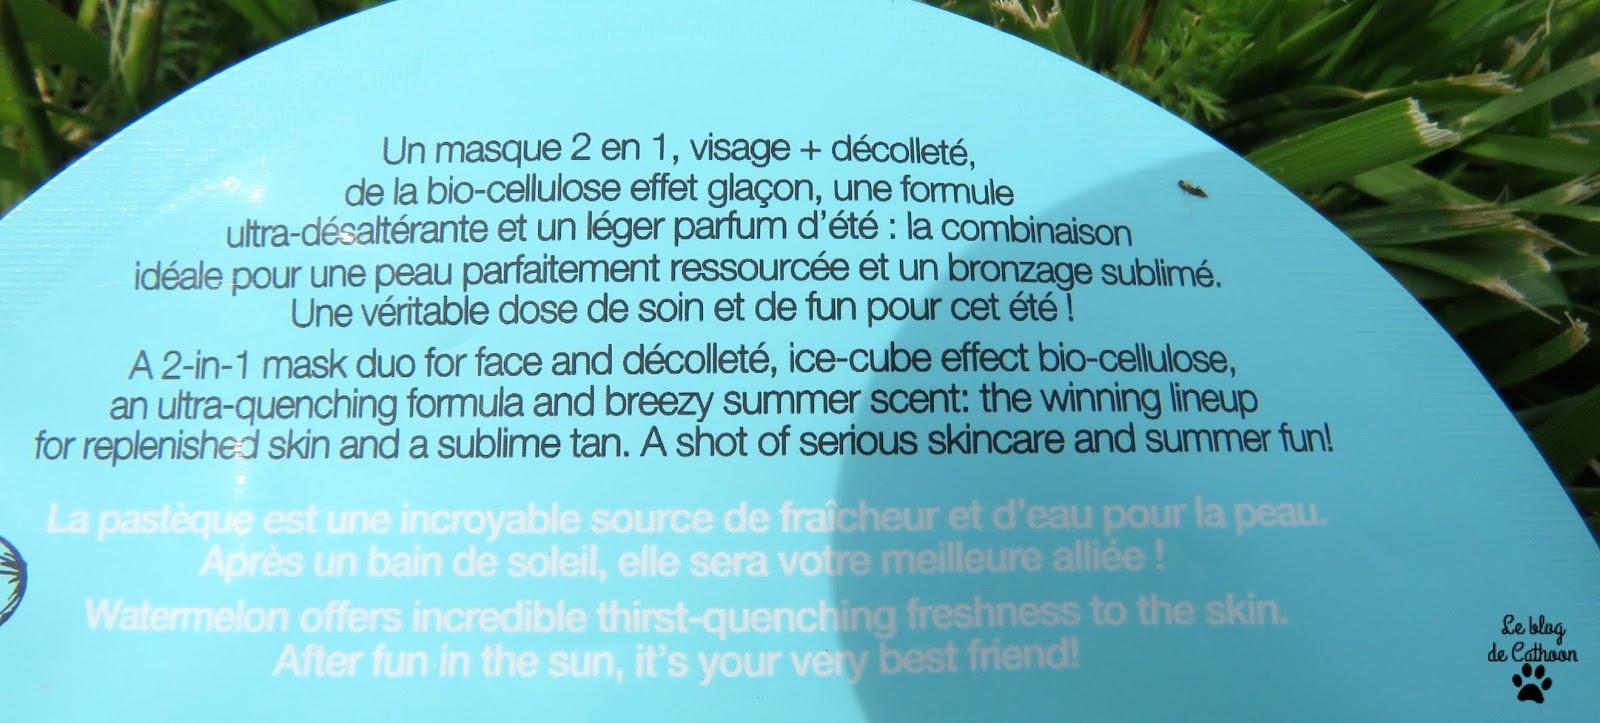 Masque Après-Soleil Pastèque Sephora